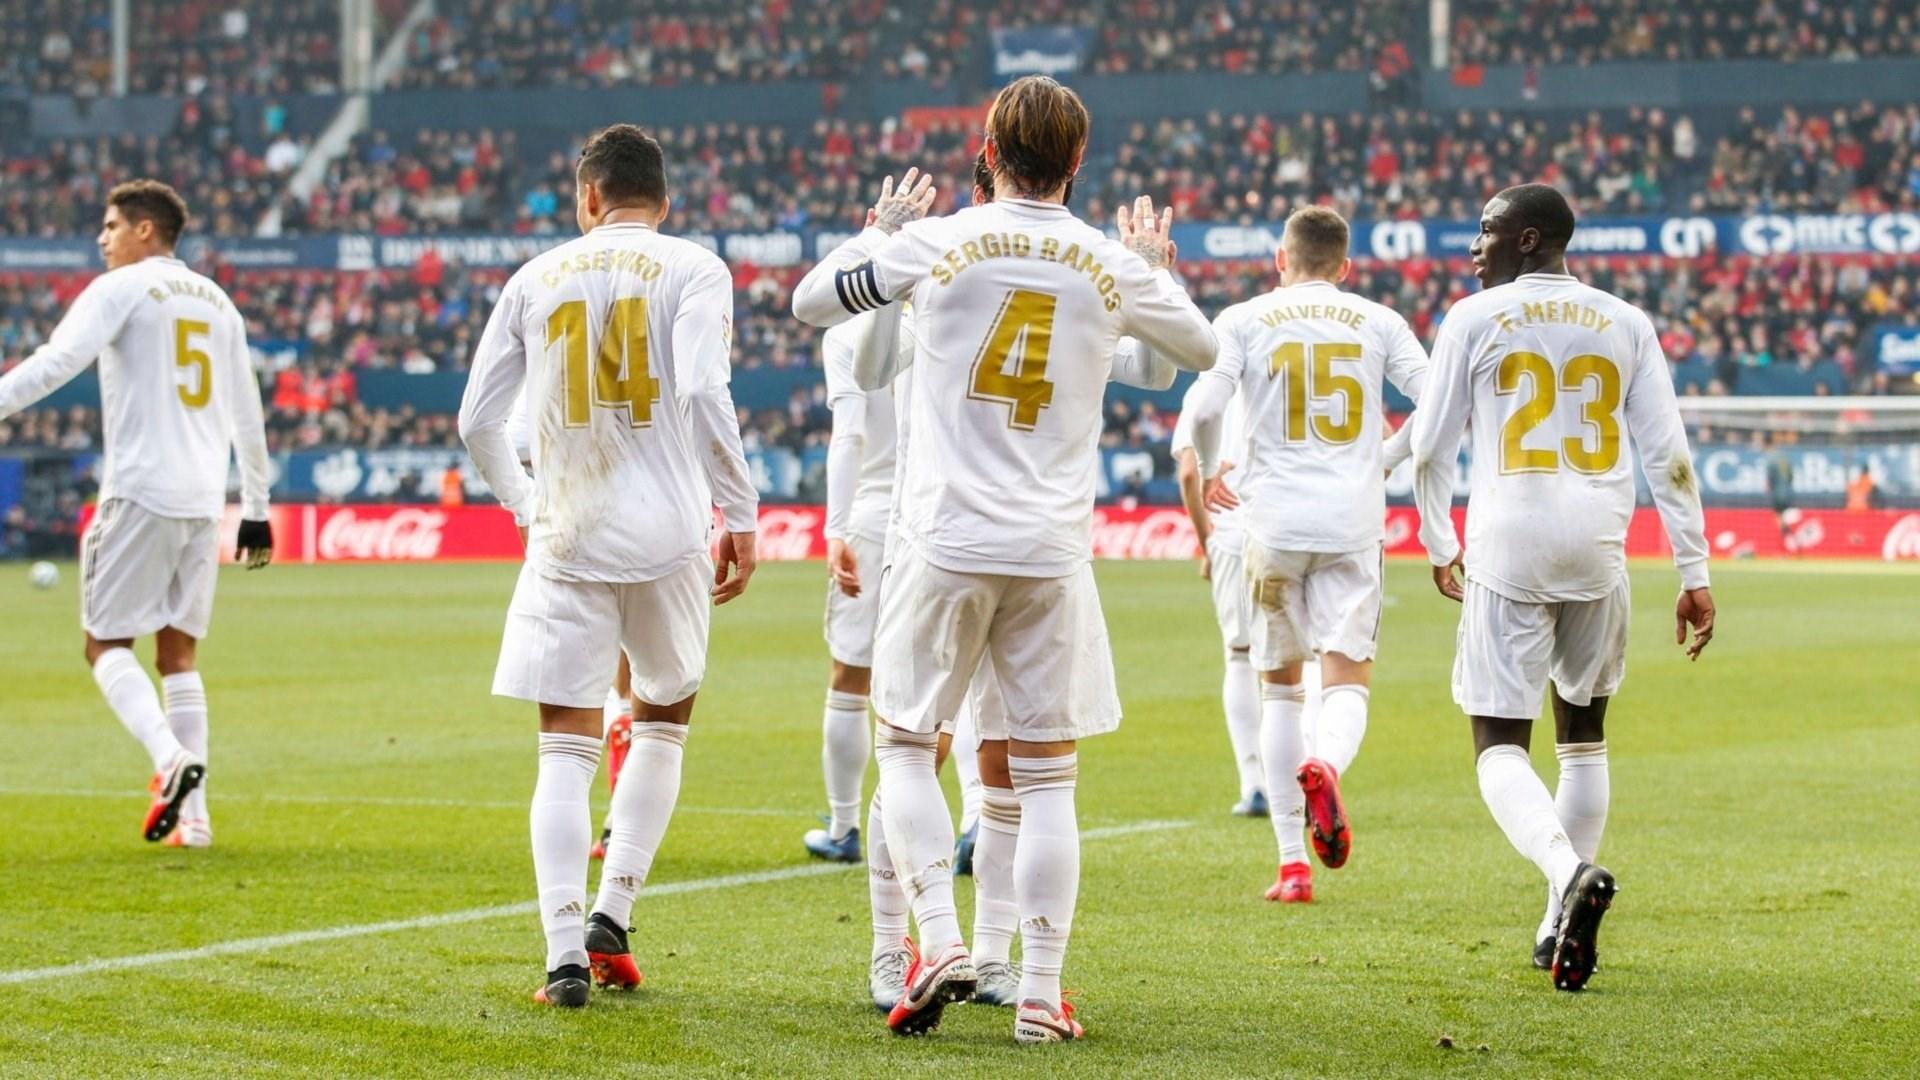 مجموعة من لاعبي ريال مدريد (أرشيف)